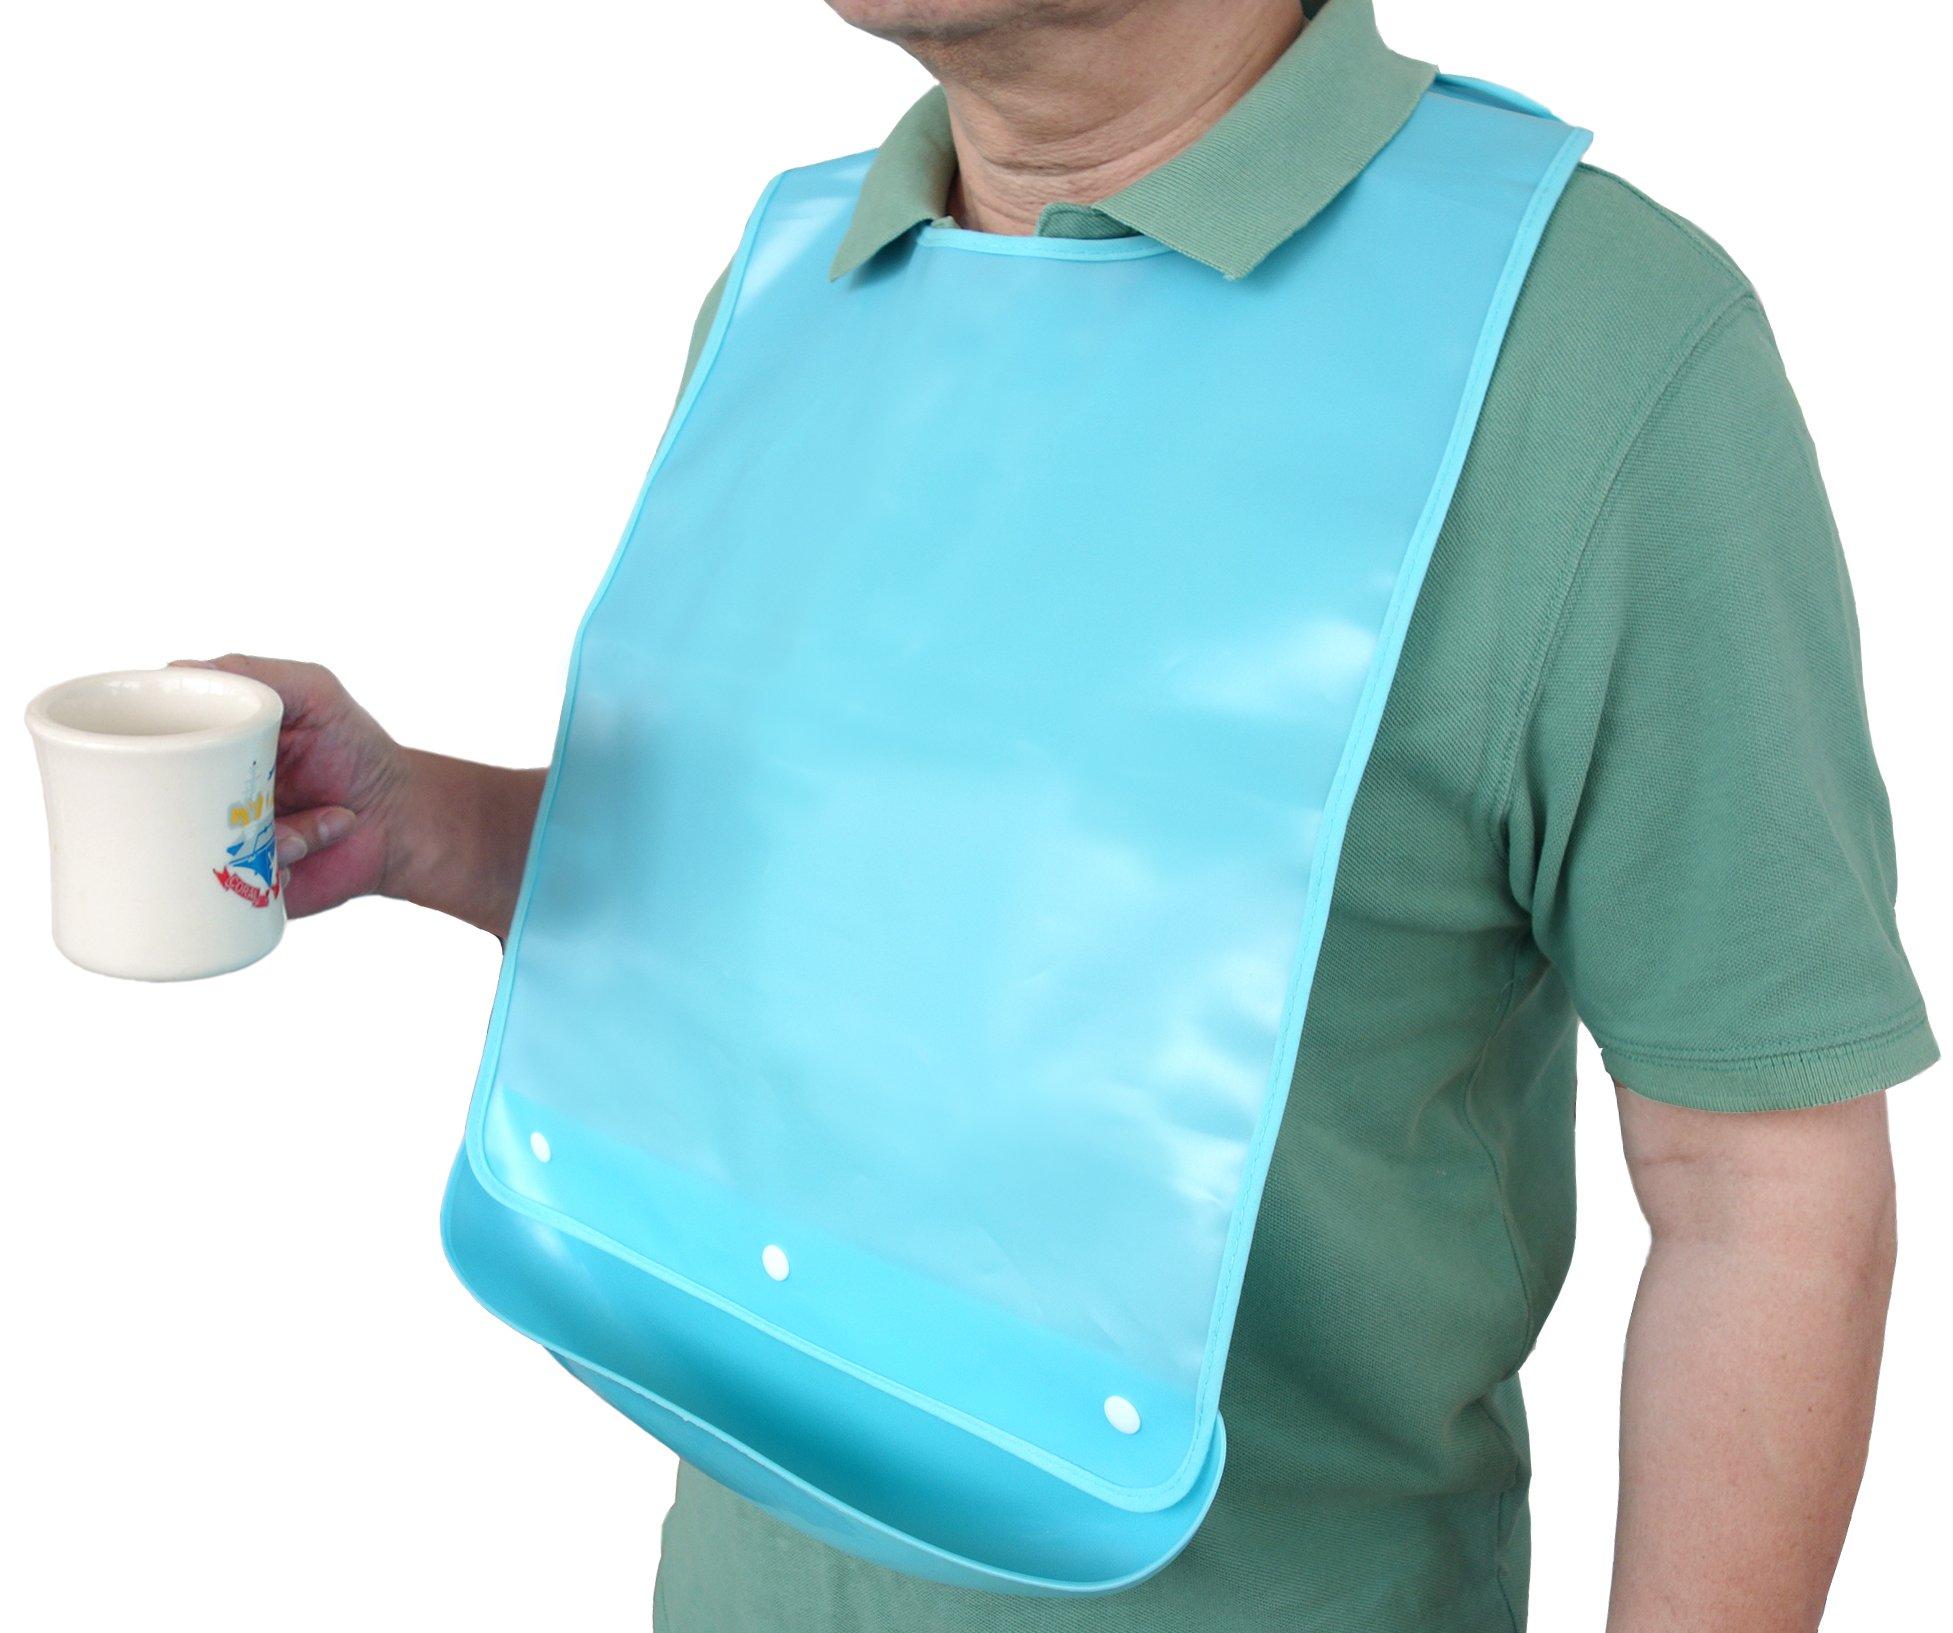 Waterproof adult bib with detachable crumb catcher